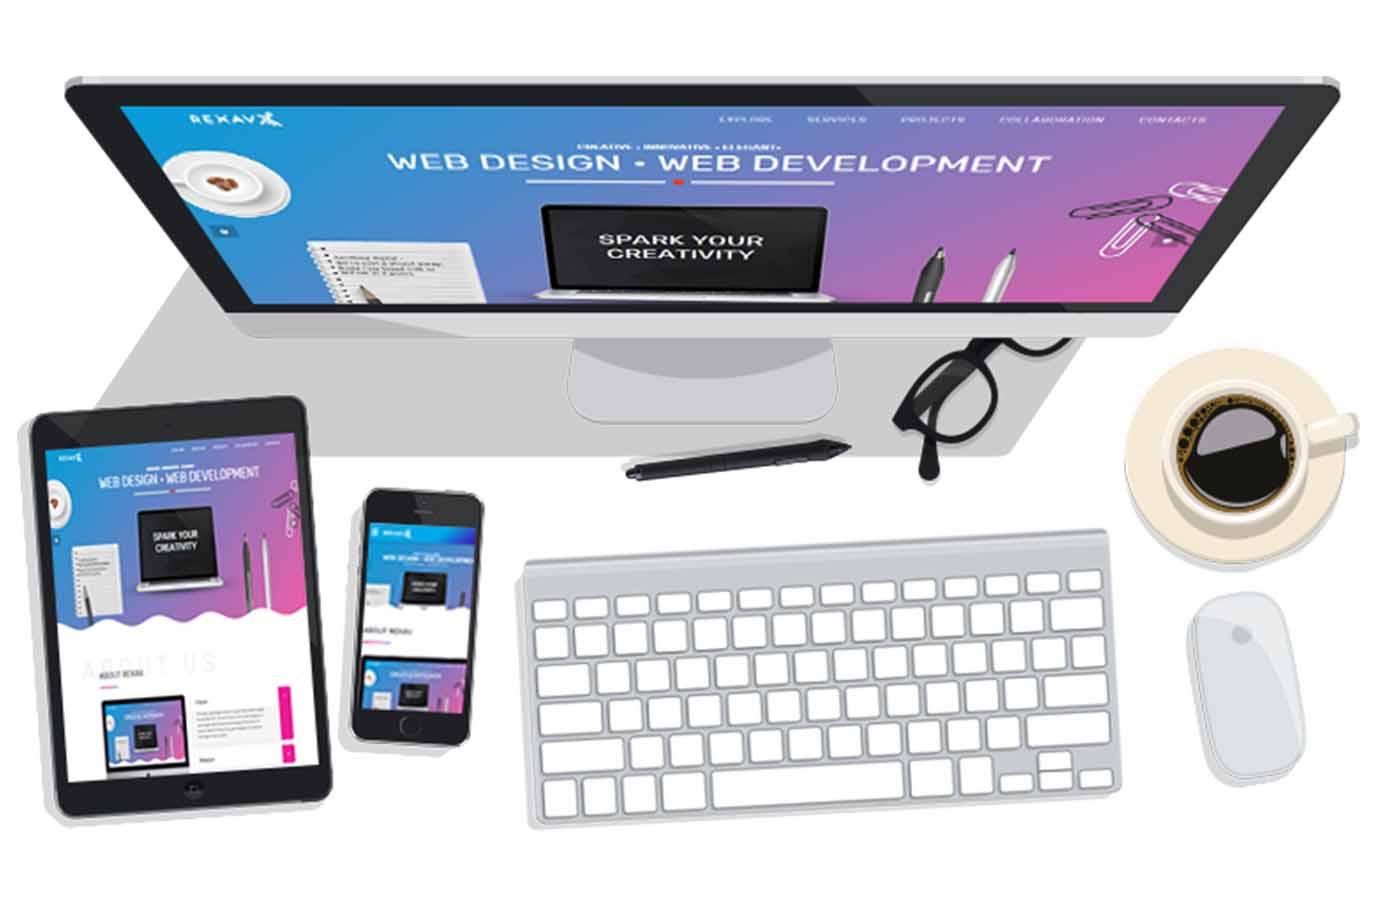 Webdesign website image2